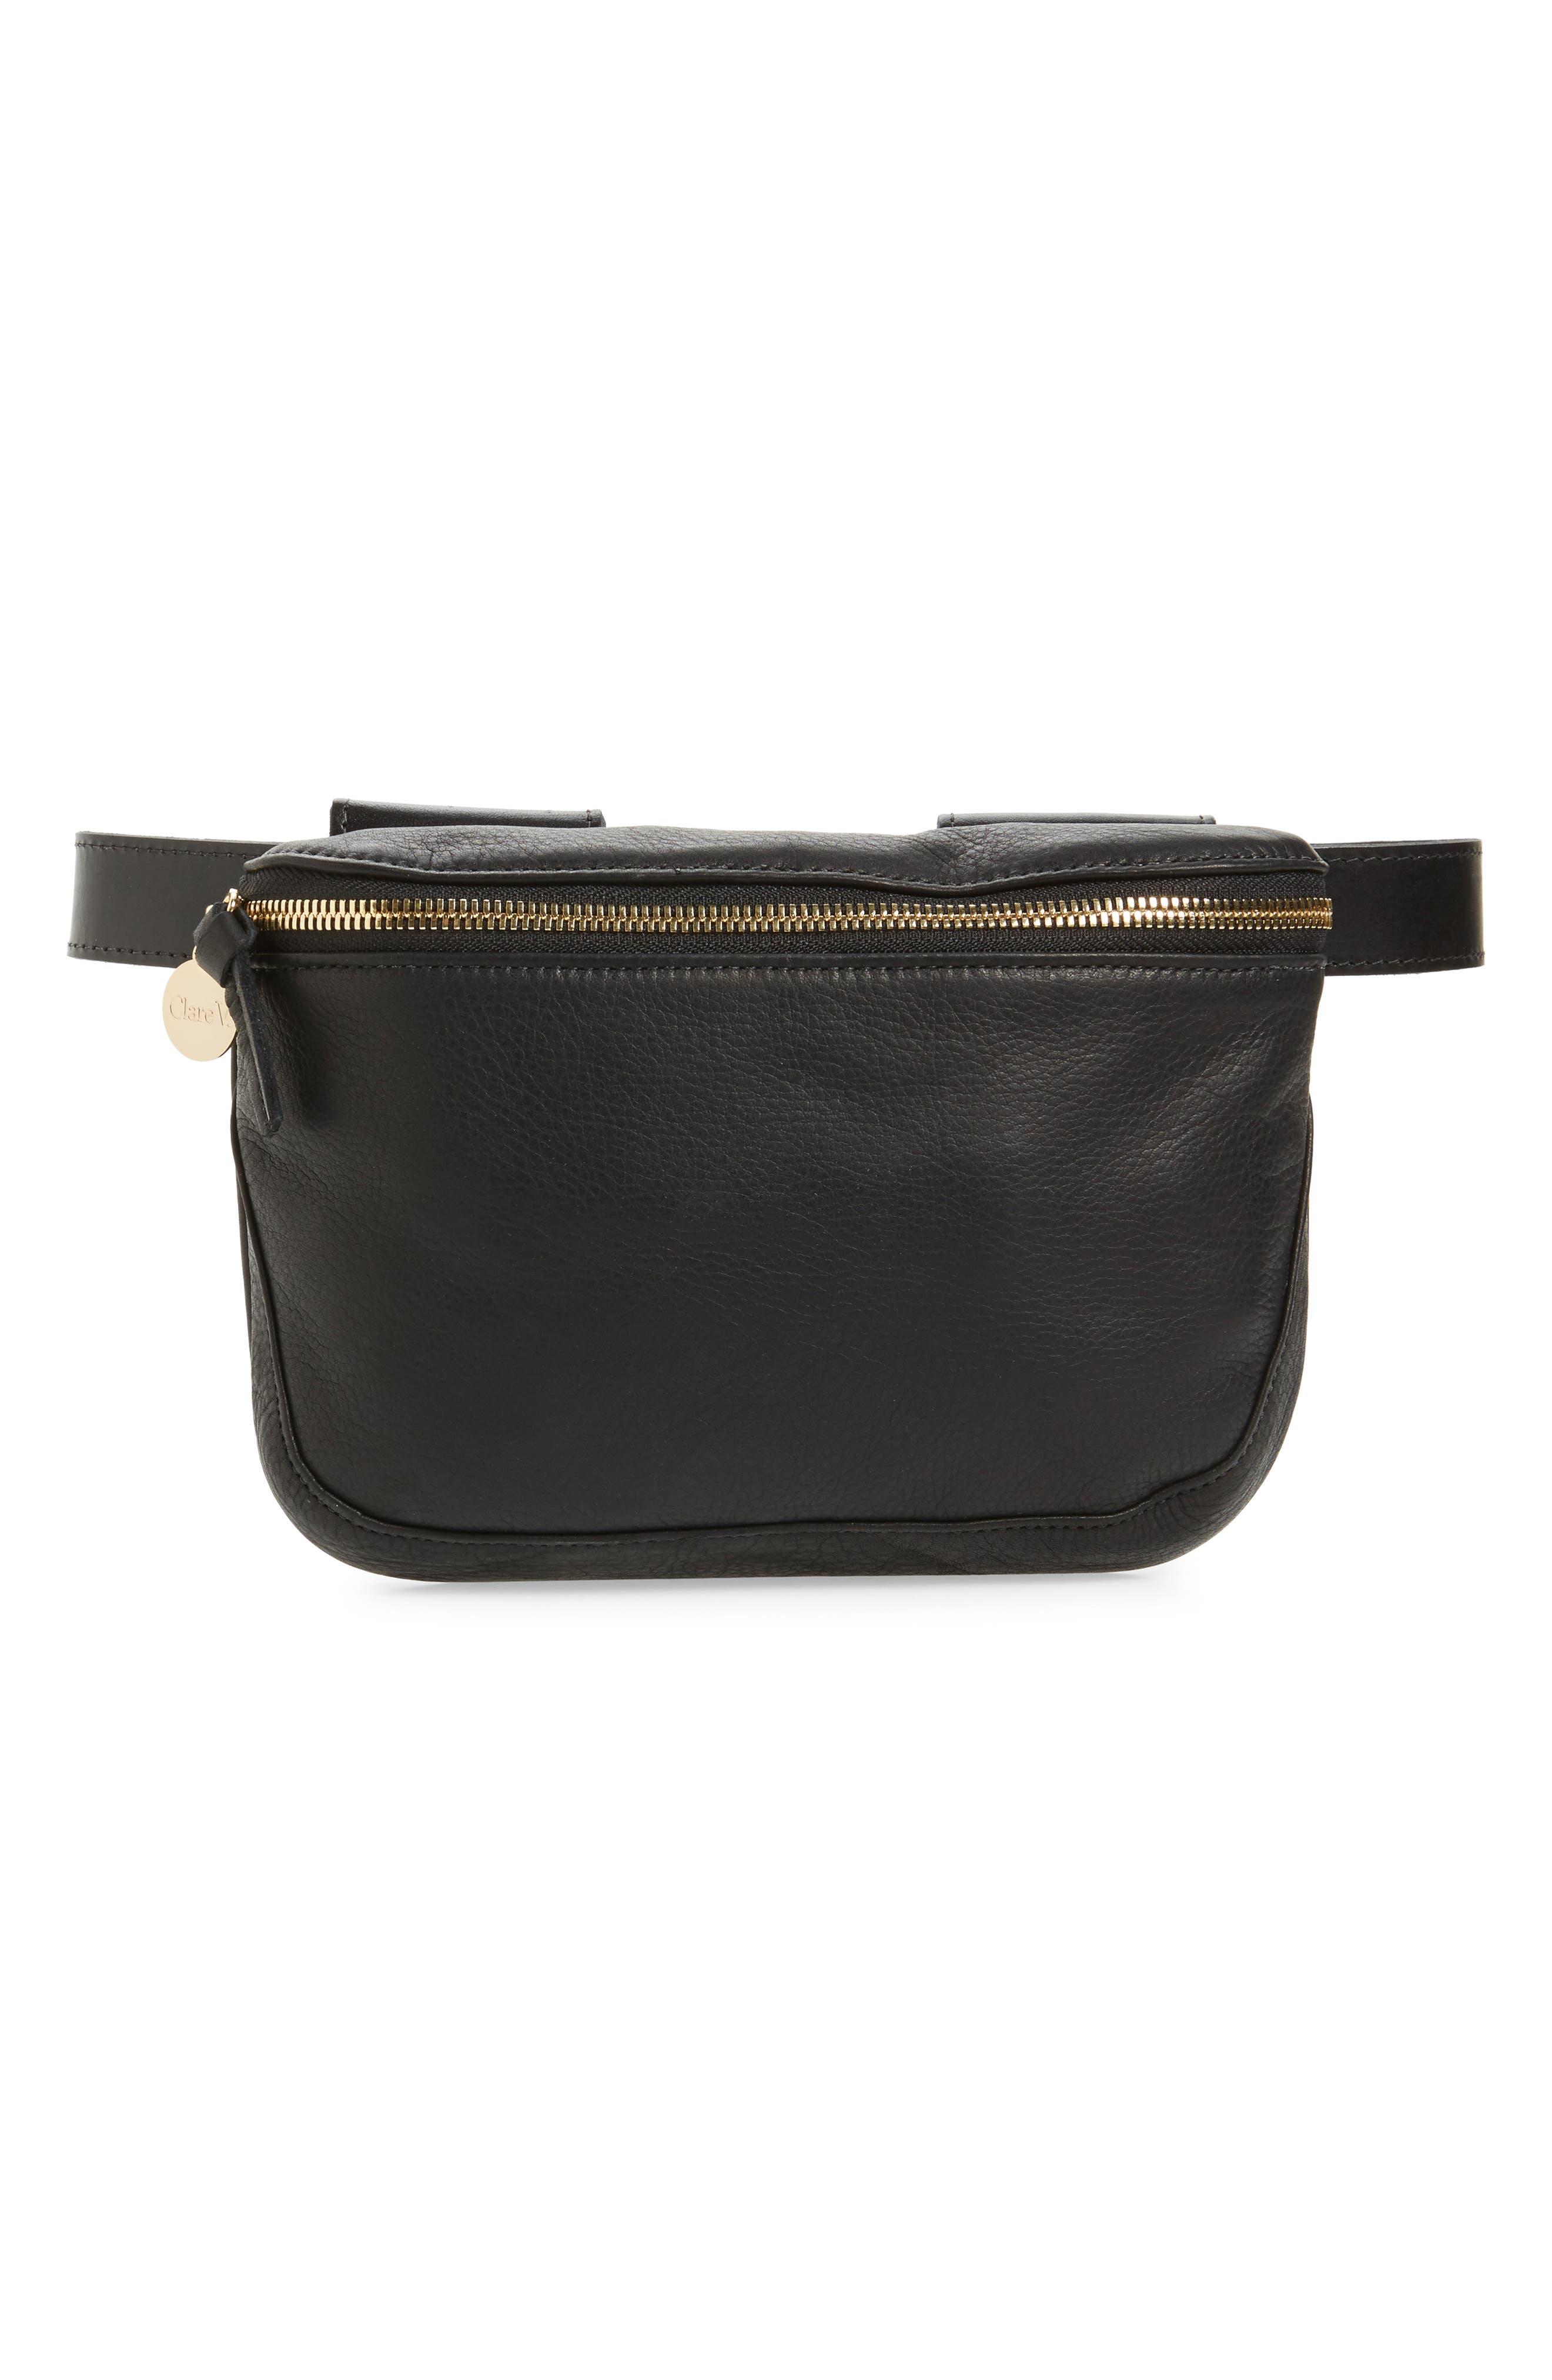 Clare V. Velvet Leather Fanny Pack